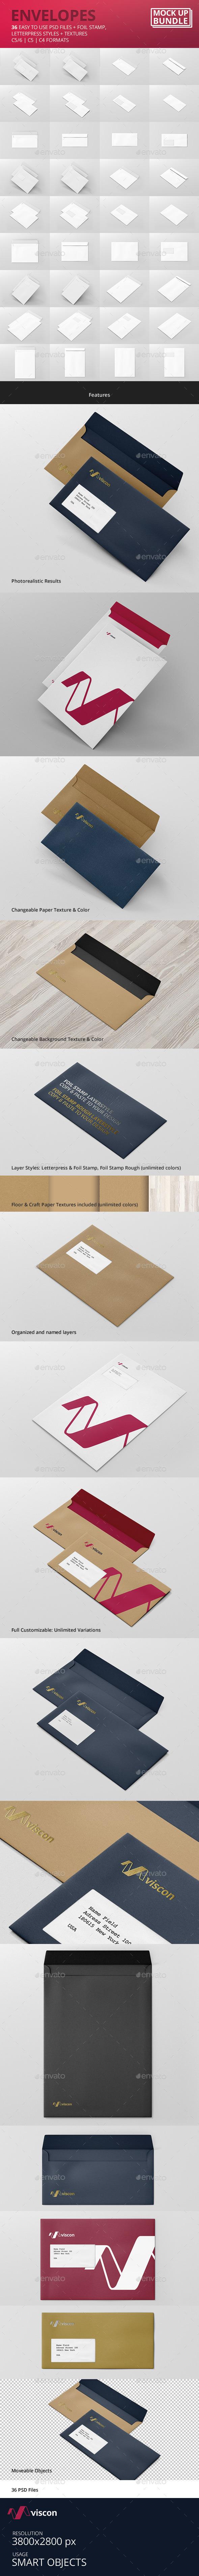 Envelopes Mock-Up Bundle - Stationery Print